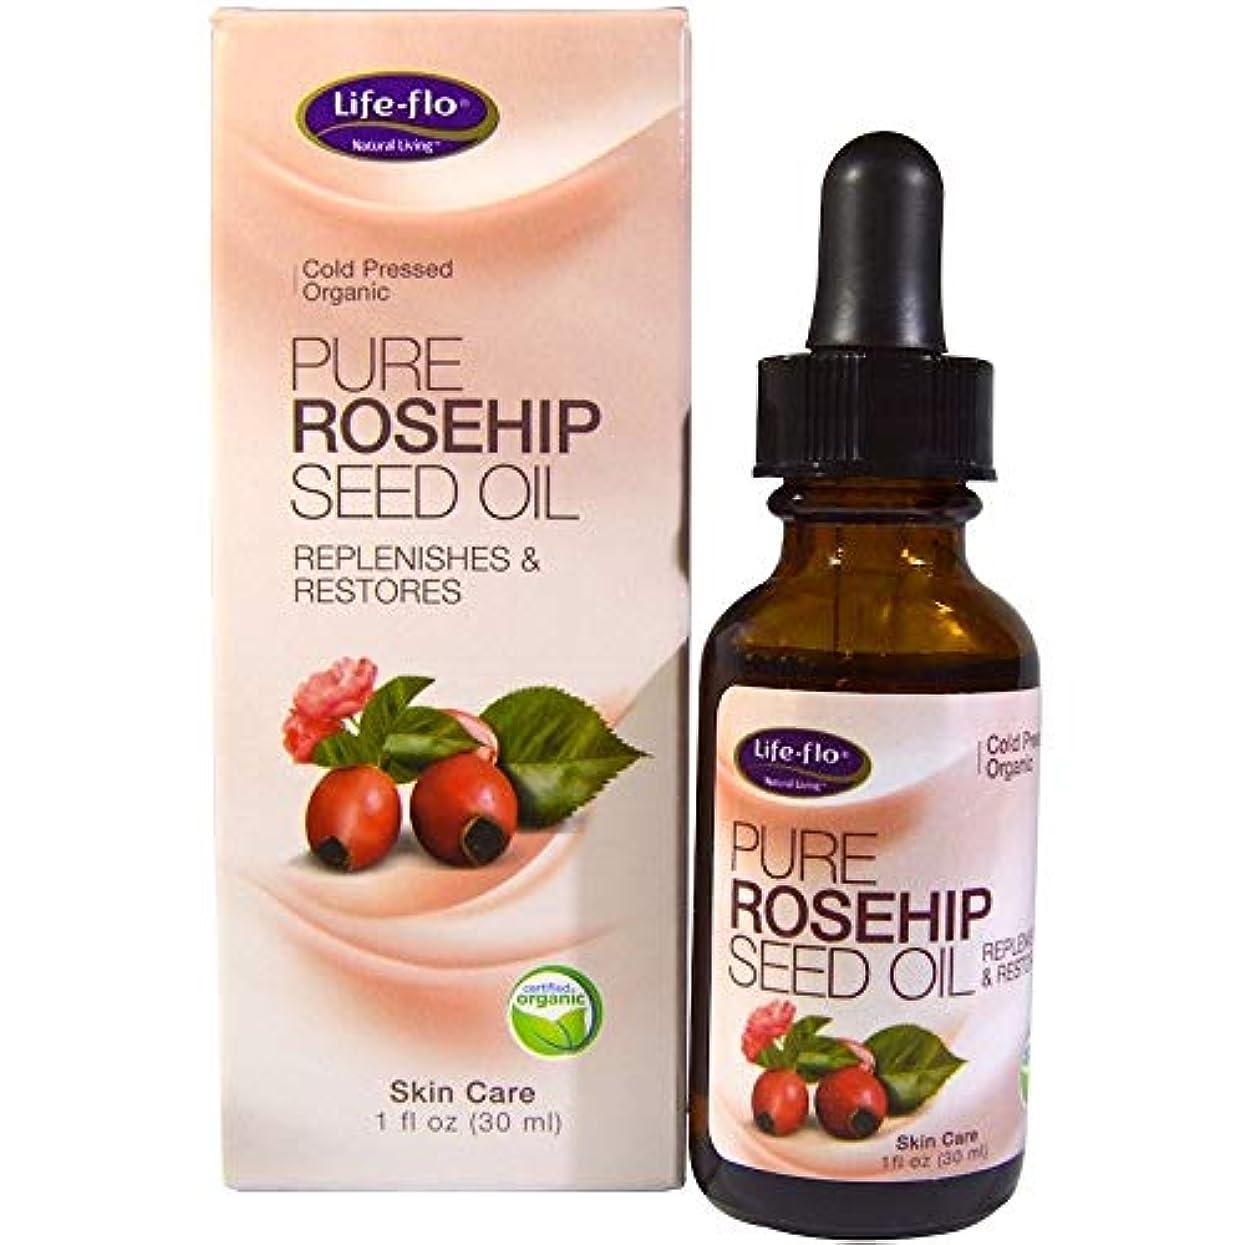 結婚する雨スカープ[並行輸入品] Life-Flo Pure Rosehip Seed Oil, 1 oz x 2パック